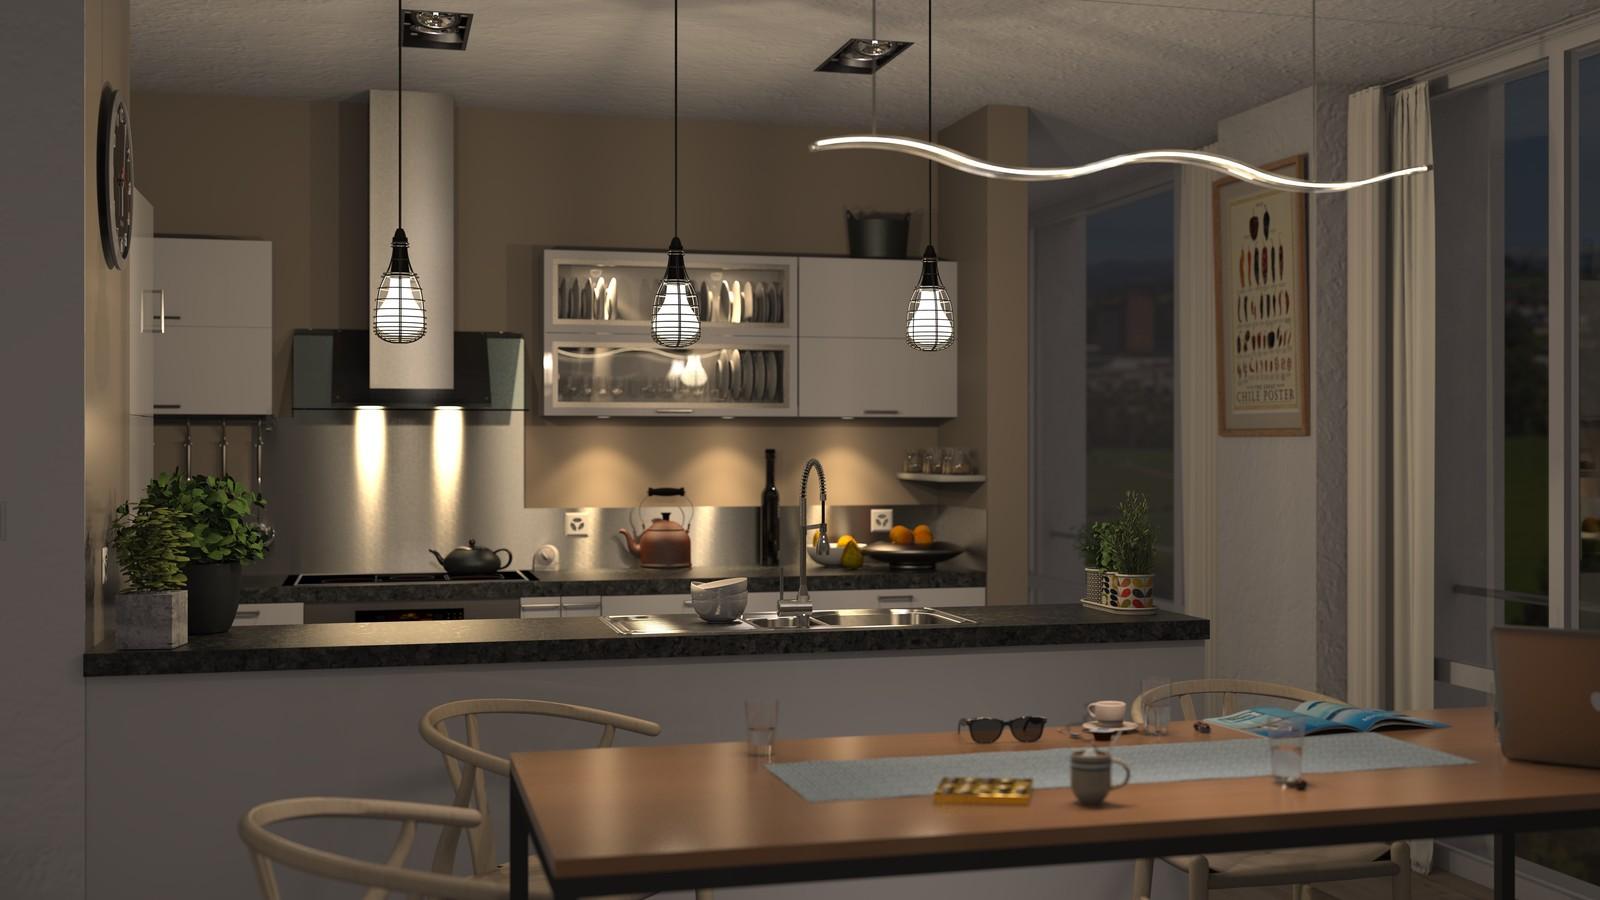 SketchUp + Thea Render Apartment model 03 v2019-Scene 34 NIght V2 HD3000 x 5333 PrestoAO 1024 spx 58m44s